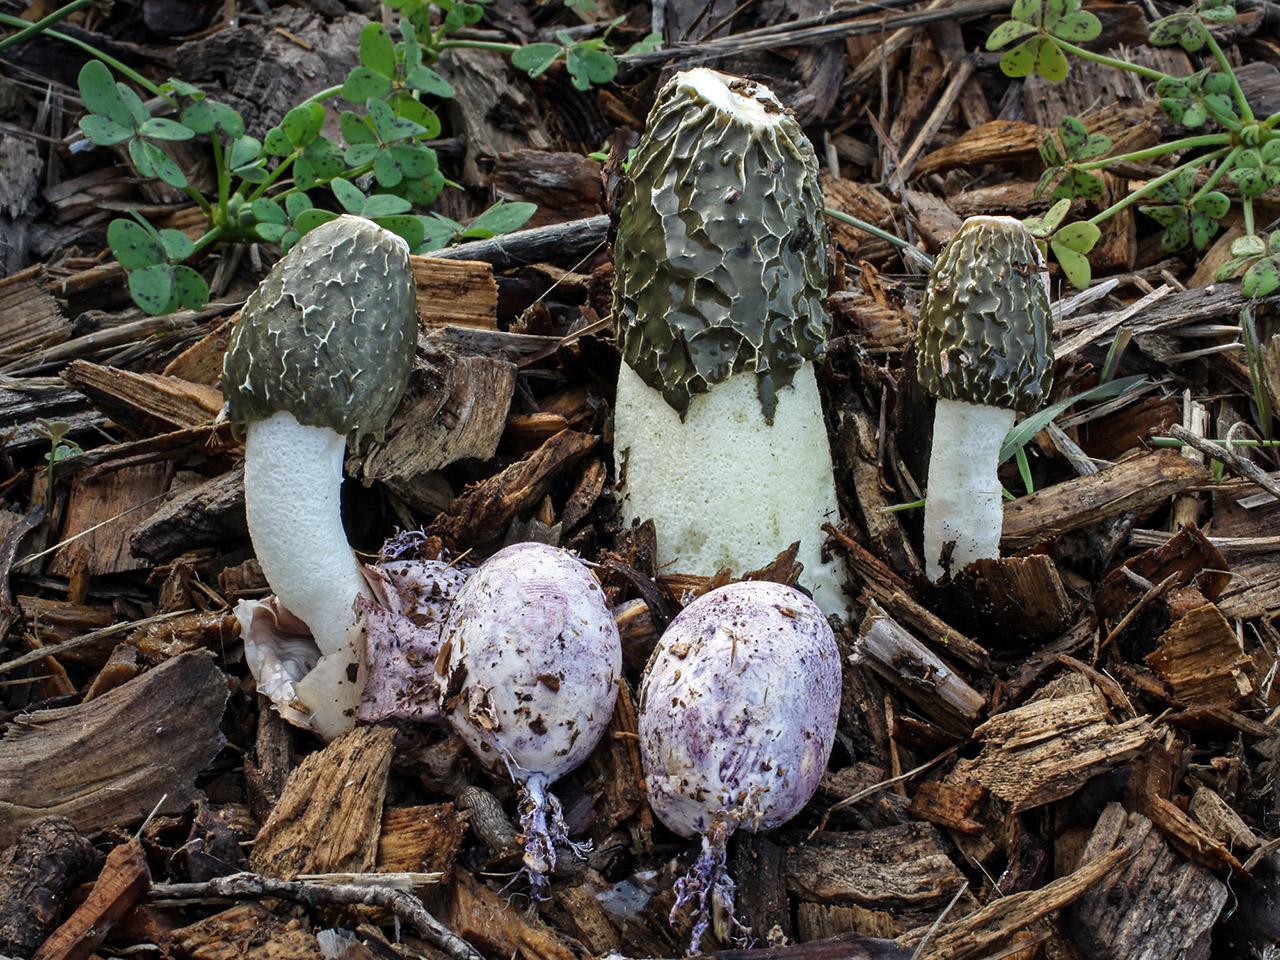 10+ Species Of The World's Weirdest Mushrooms